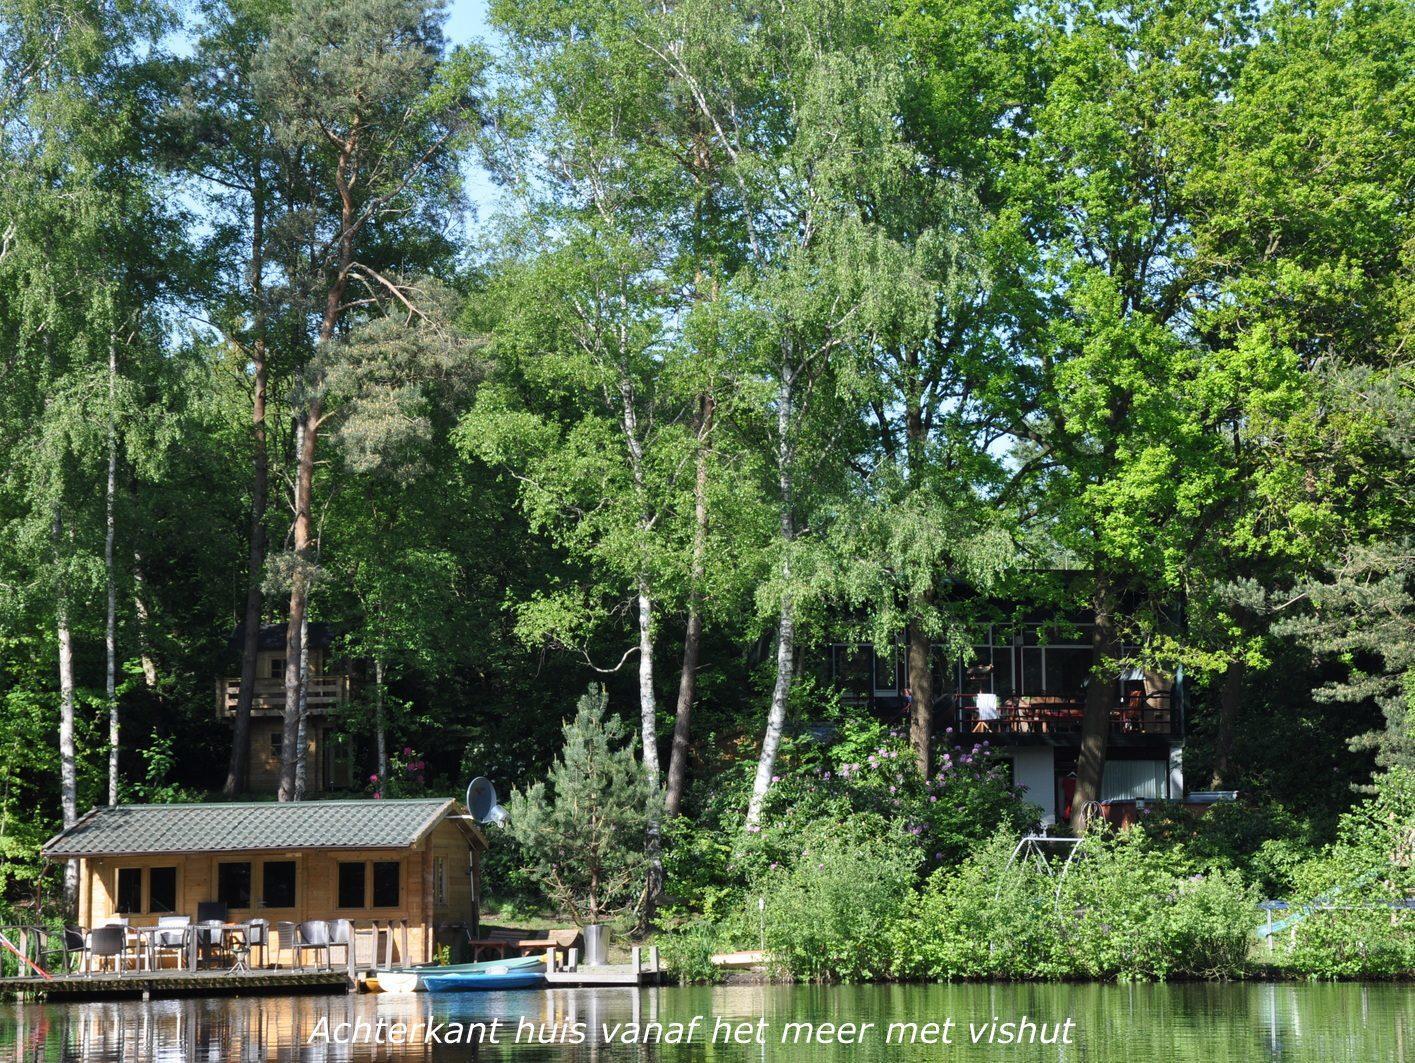 Villa Vechtdal vakantiehuis aan het water met visvijver